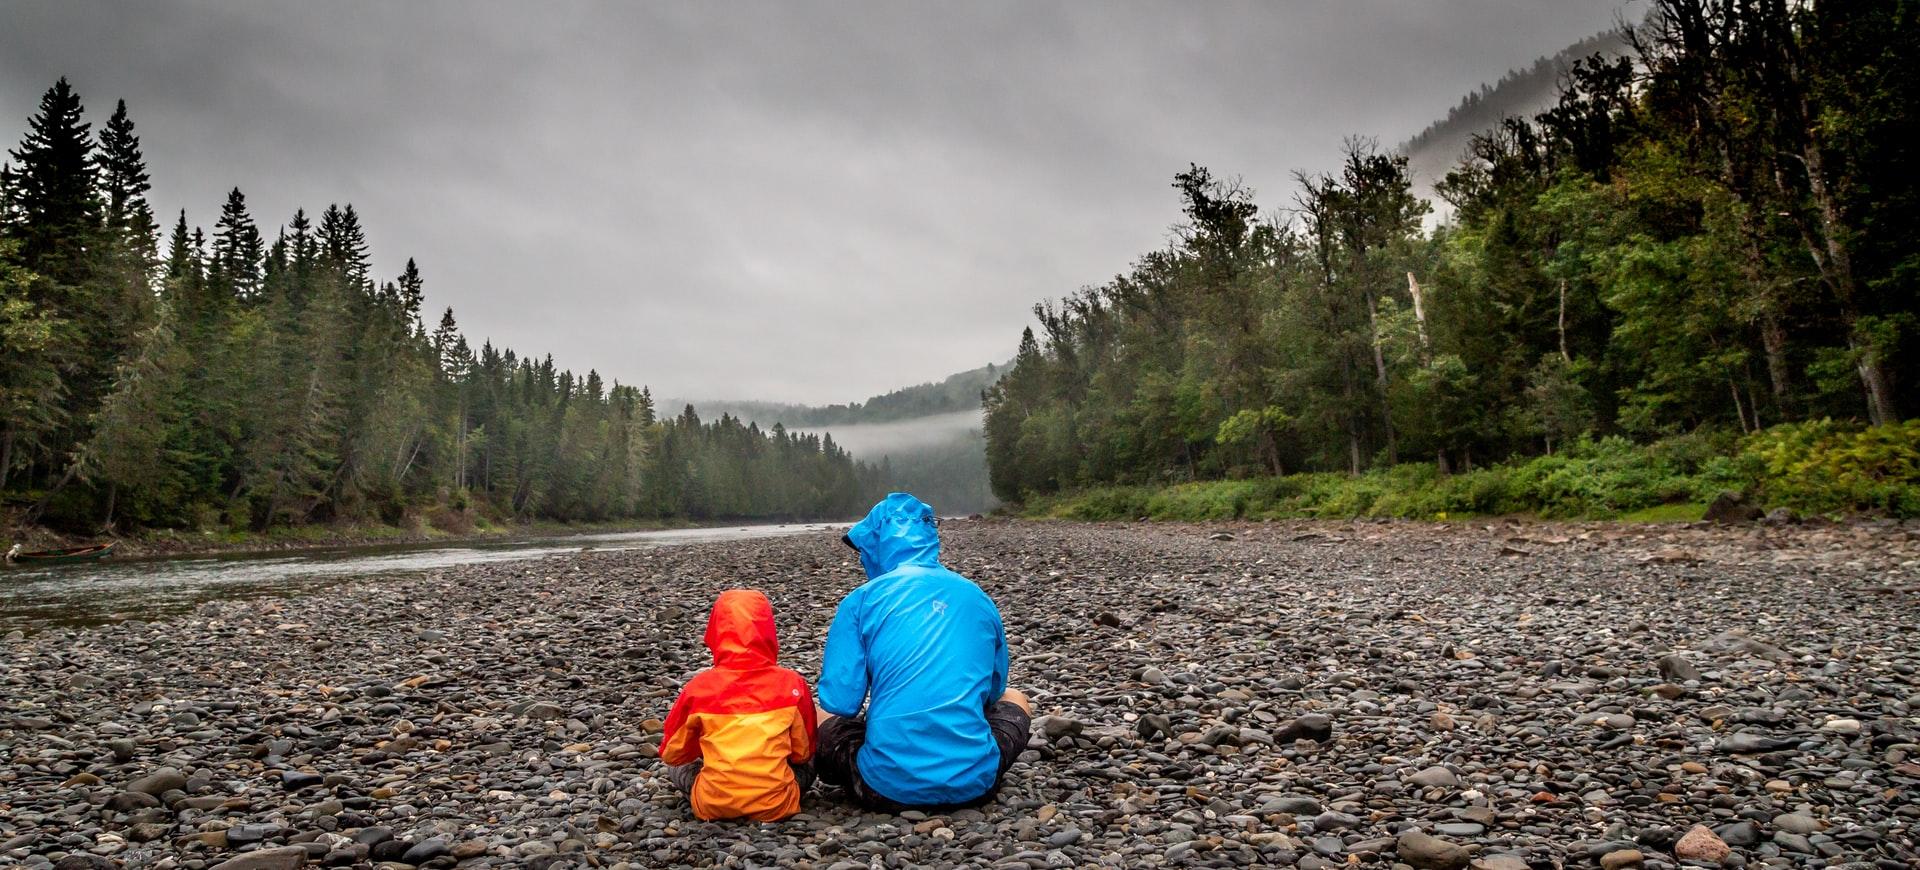 father mentoring son